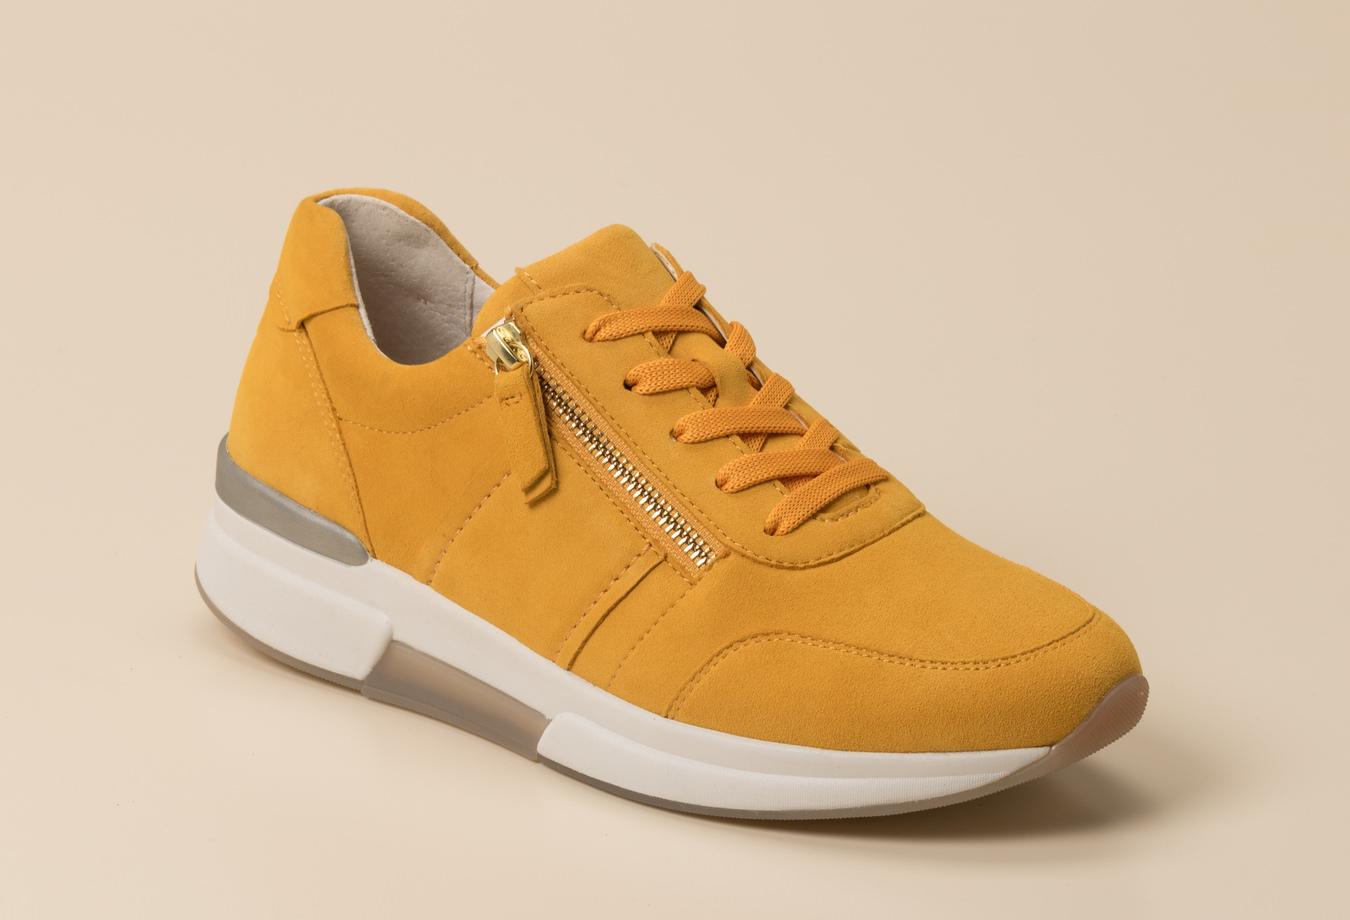 Gabor Comfort Damen Schnürschuh in gelb kaufen | Zumnorde